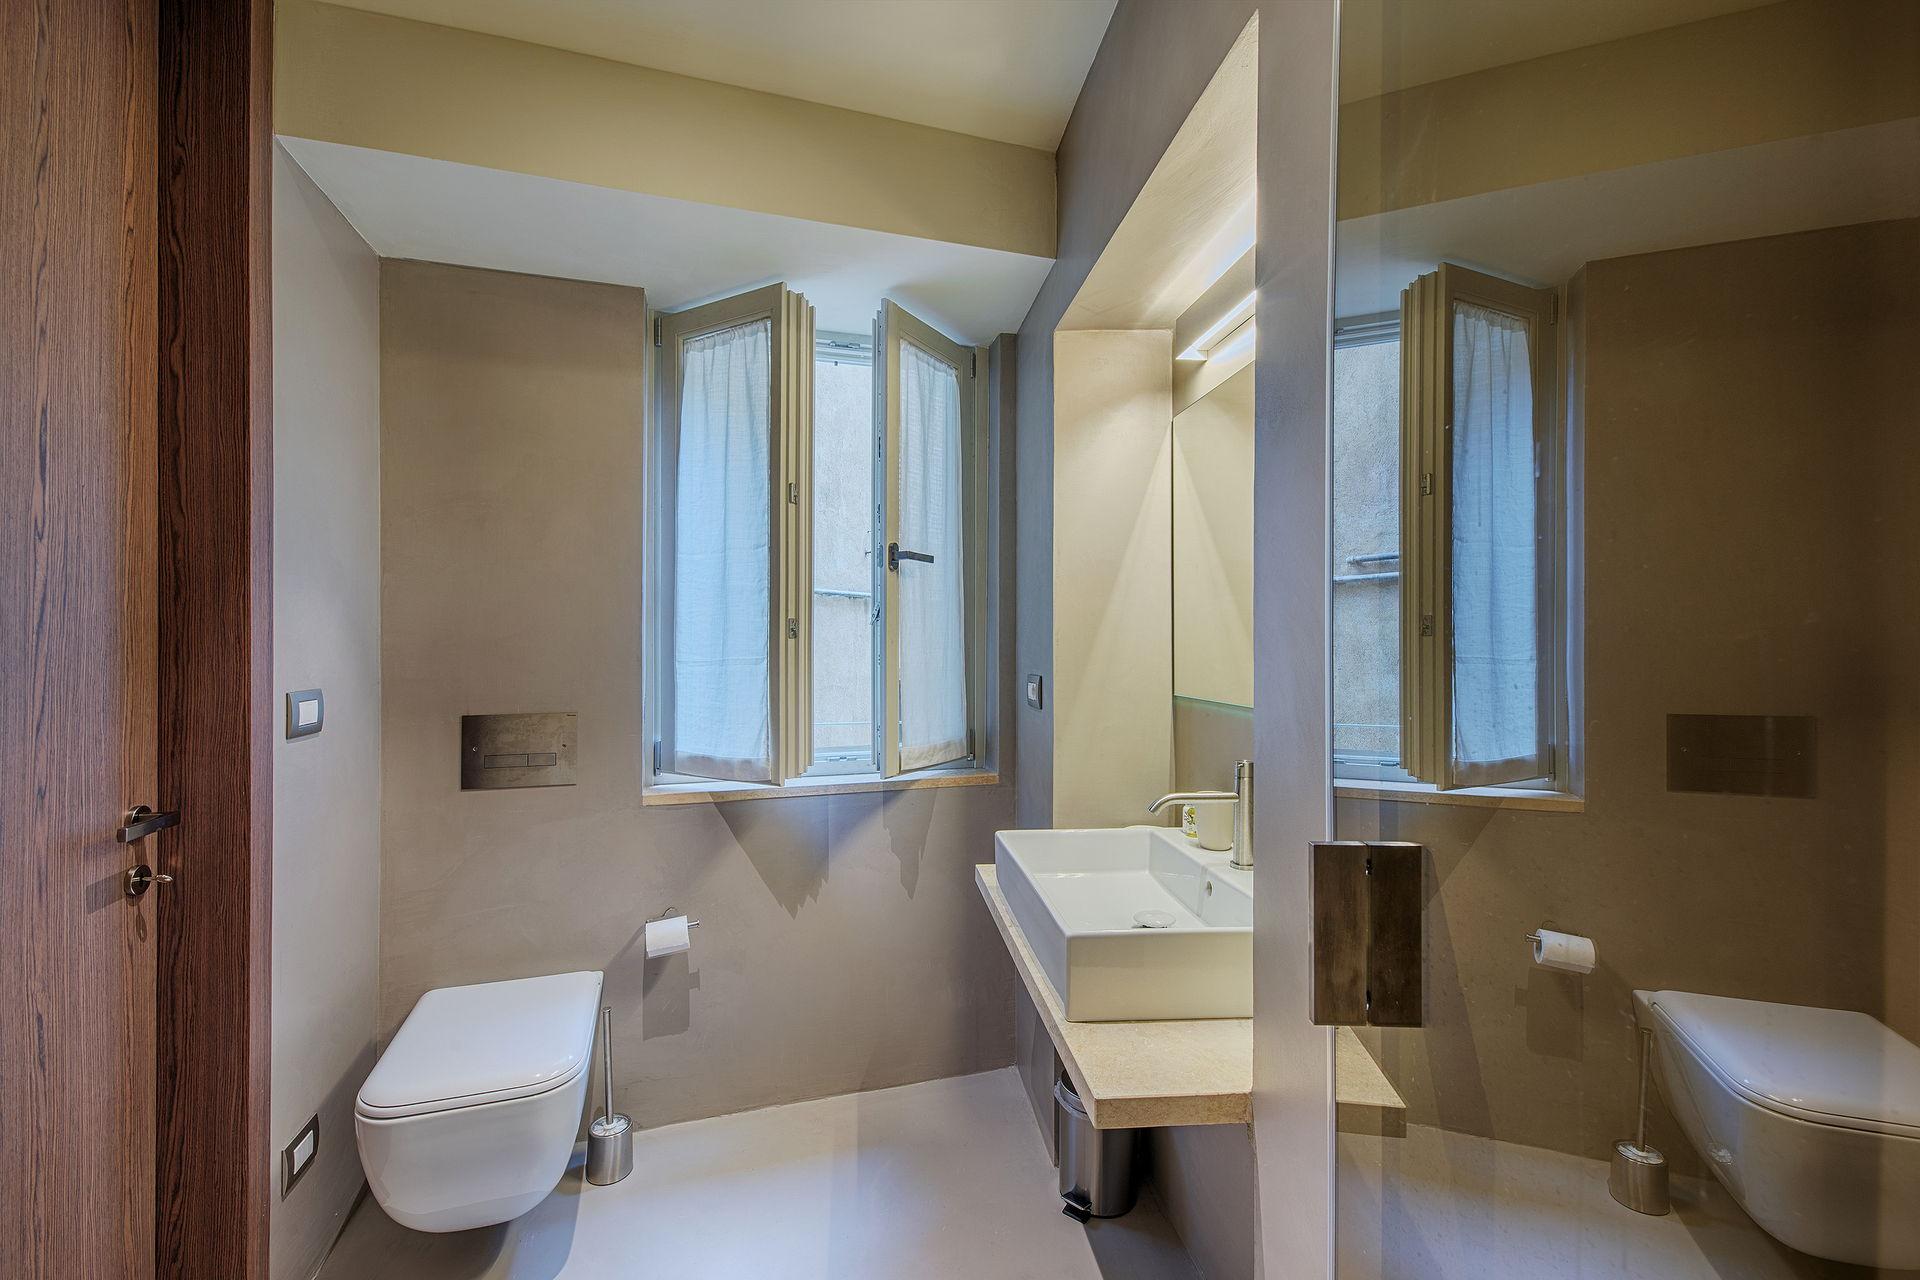 Residenza d'epoca Le Aquile - Bed and Breakfast luxury nel centro di Siena - giardino d'inverno 4